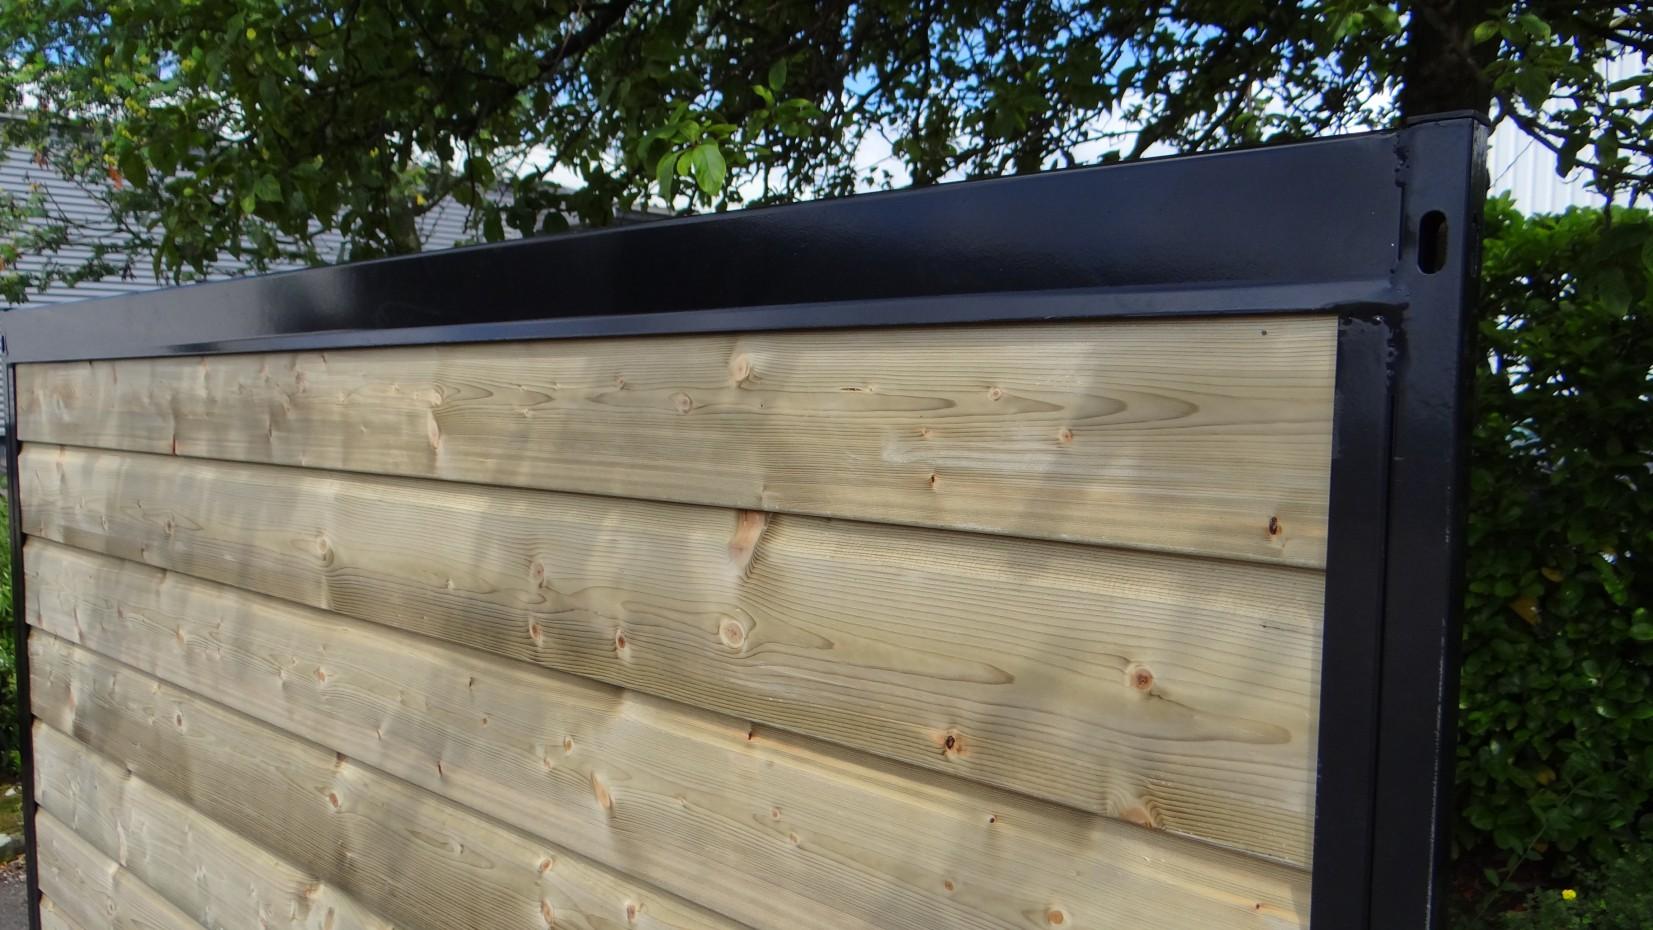 Kennelpaneel zwart met hout 200x184 cm for Zwart hout ladeblok